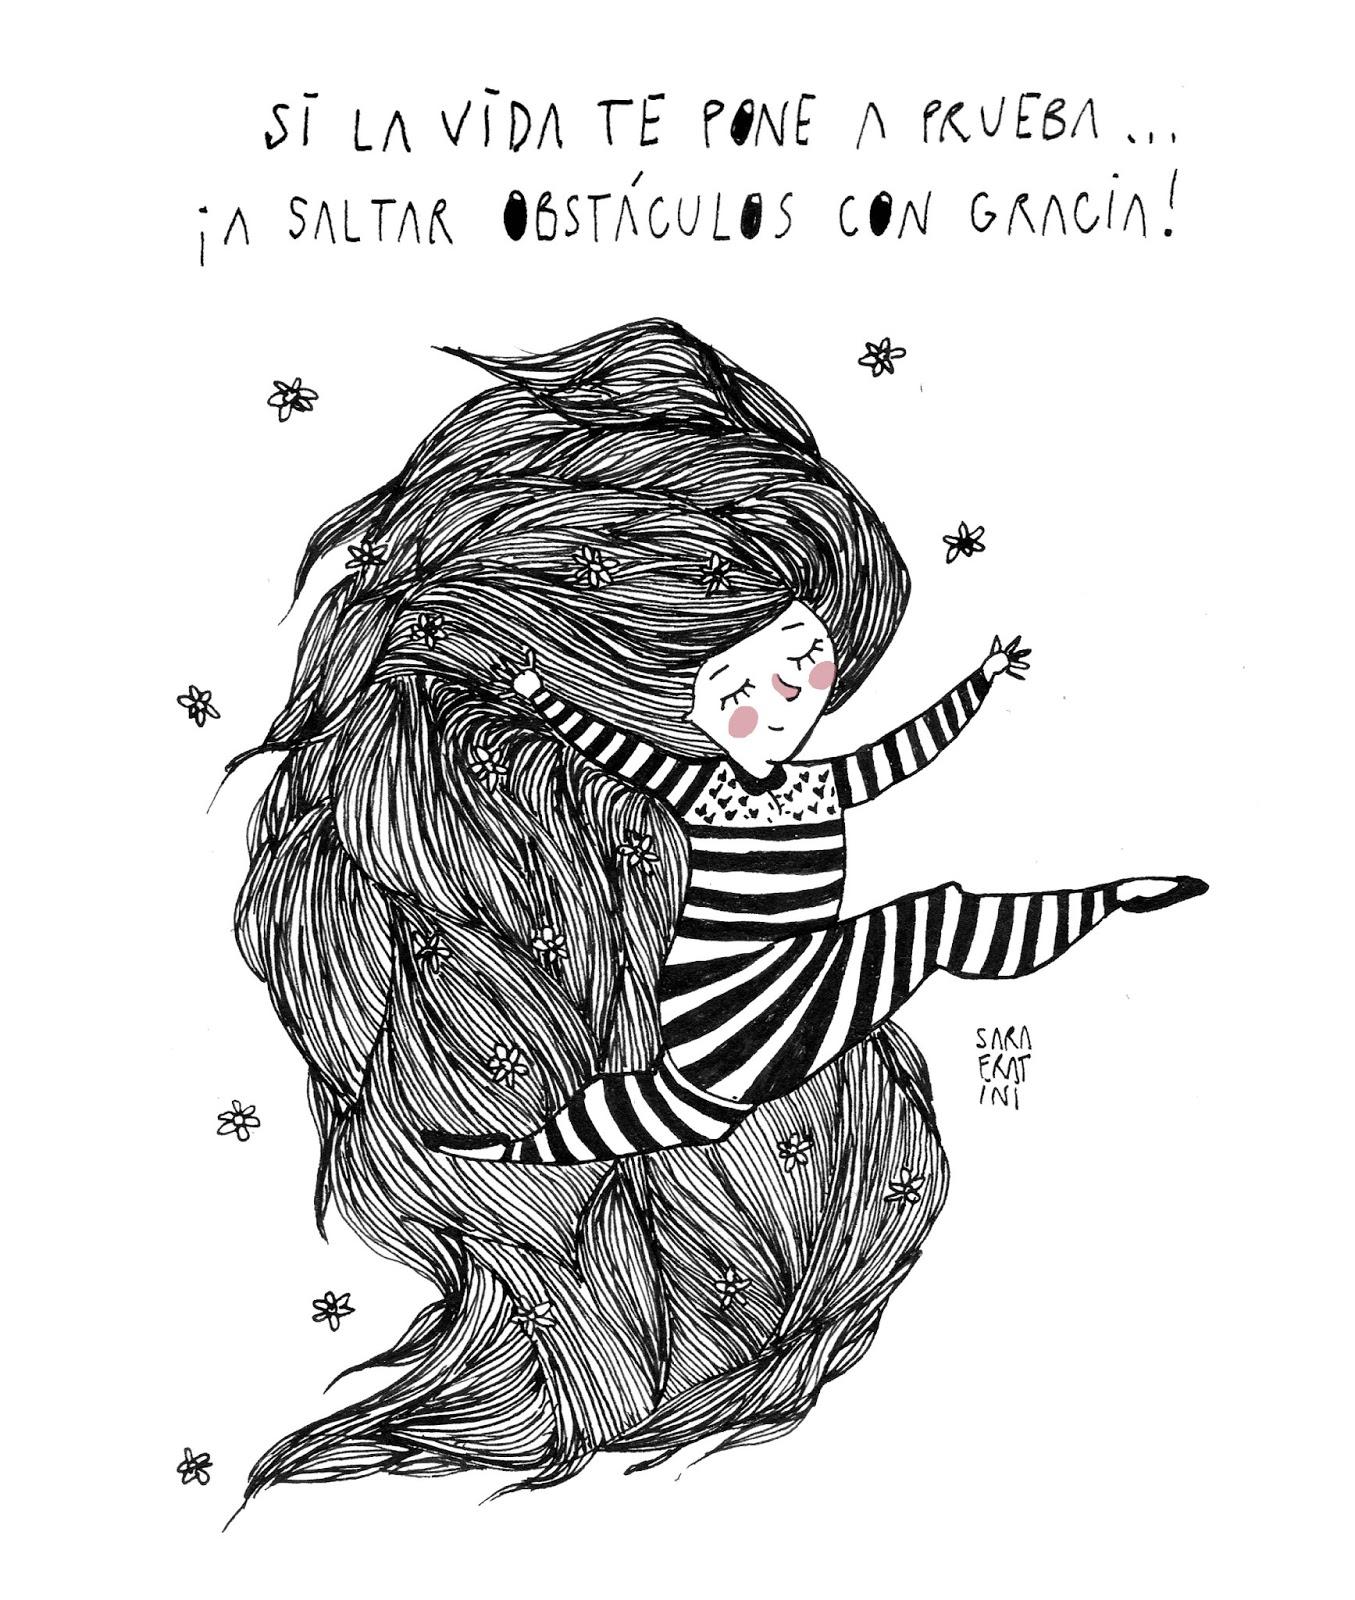 Frases De Amor A Si Proprio Tumblr